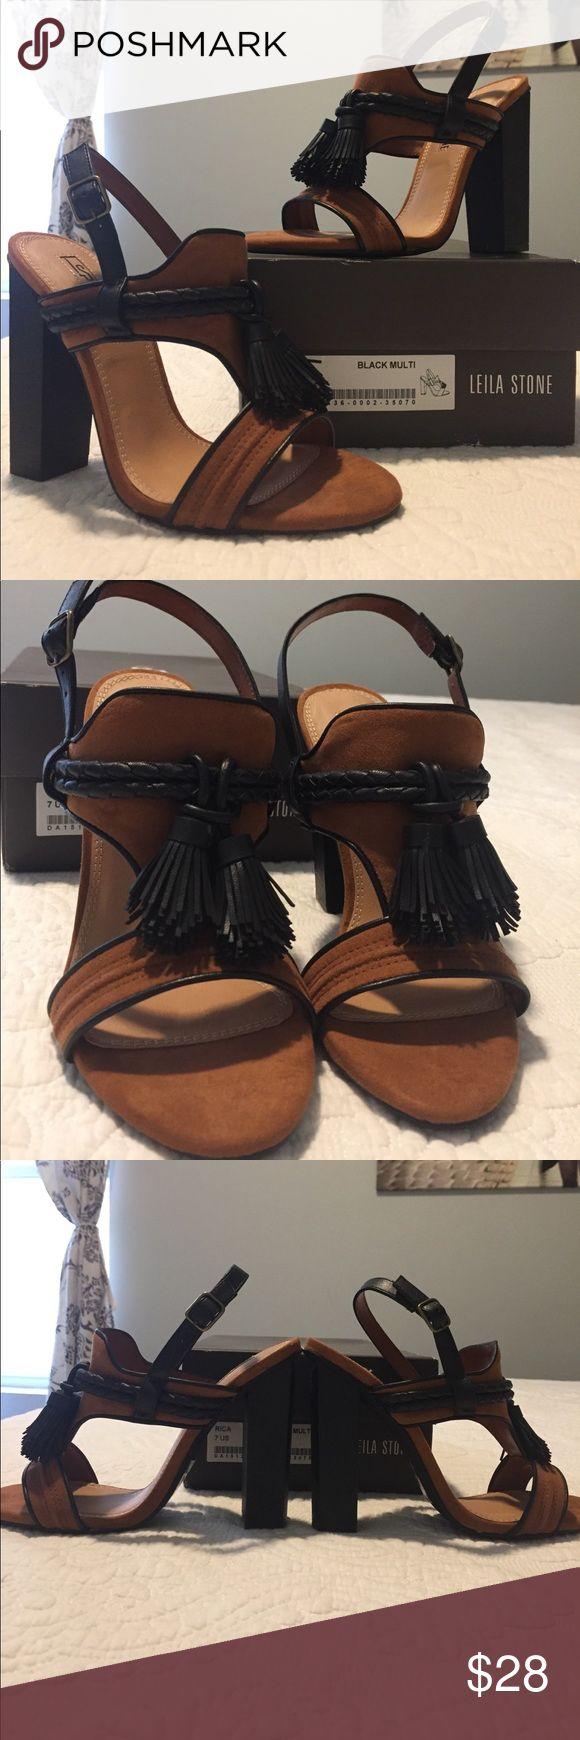 """😍 Brown and black tassel heels sandals size 7 NWT Leila Stone heels, 4""""; size 7. New in box! leila stone Shoes Heels"""